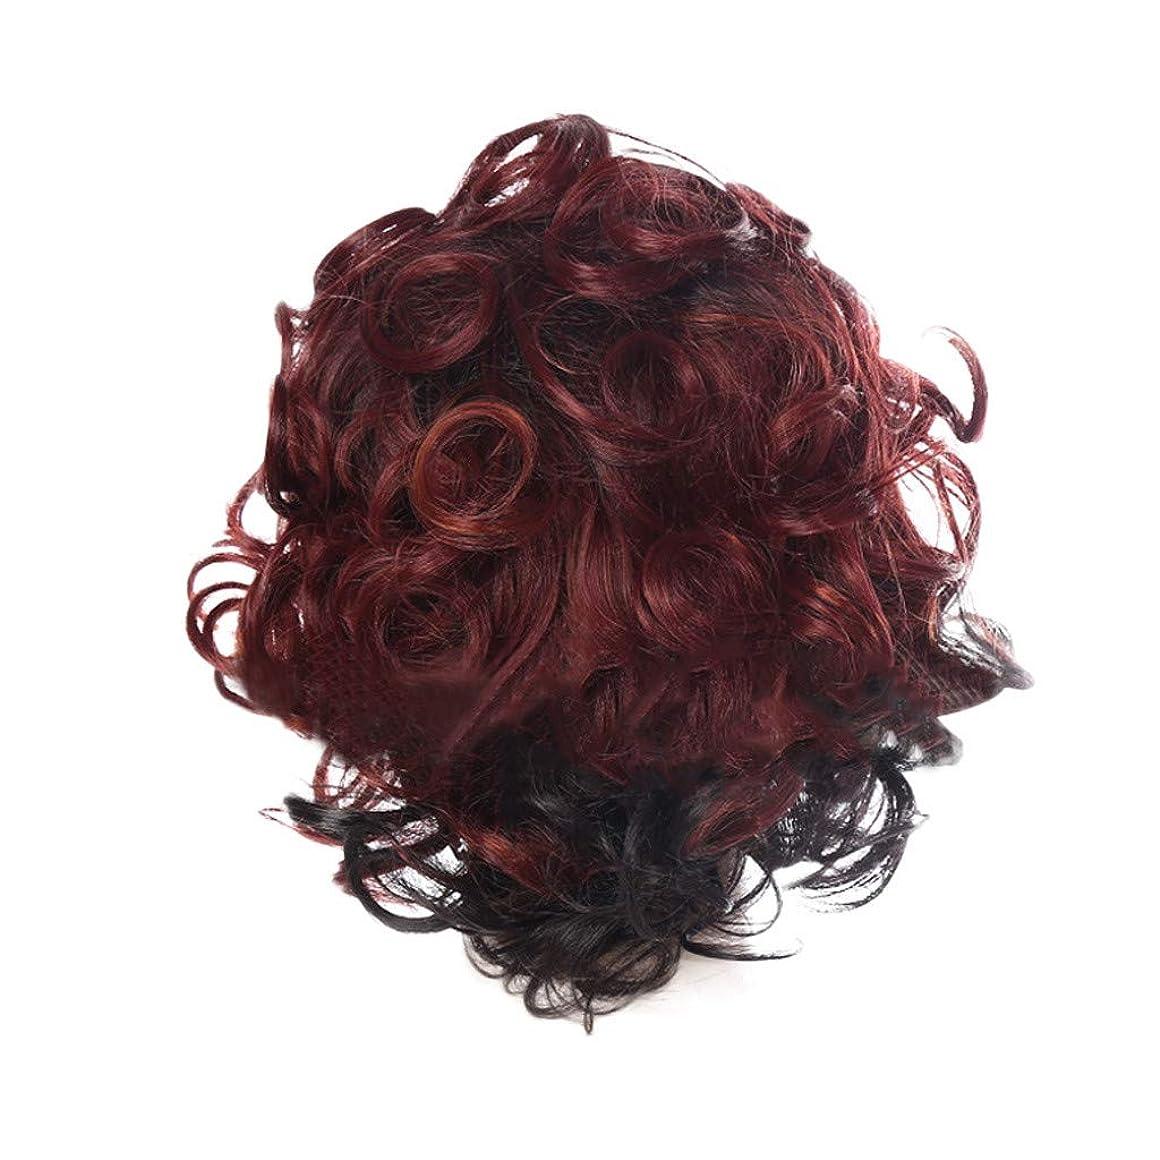 八謝罪する上流の女性の赤い短い巻き毛の人格爆発ヘッドかつら35 cmをかつら